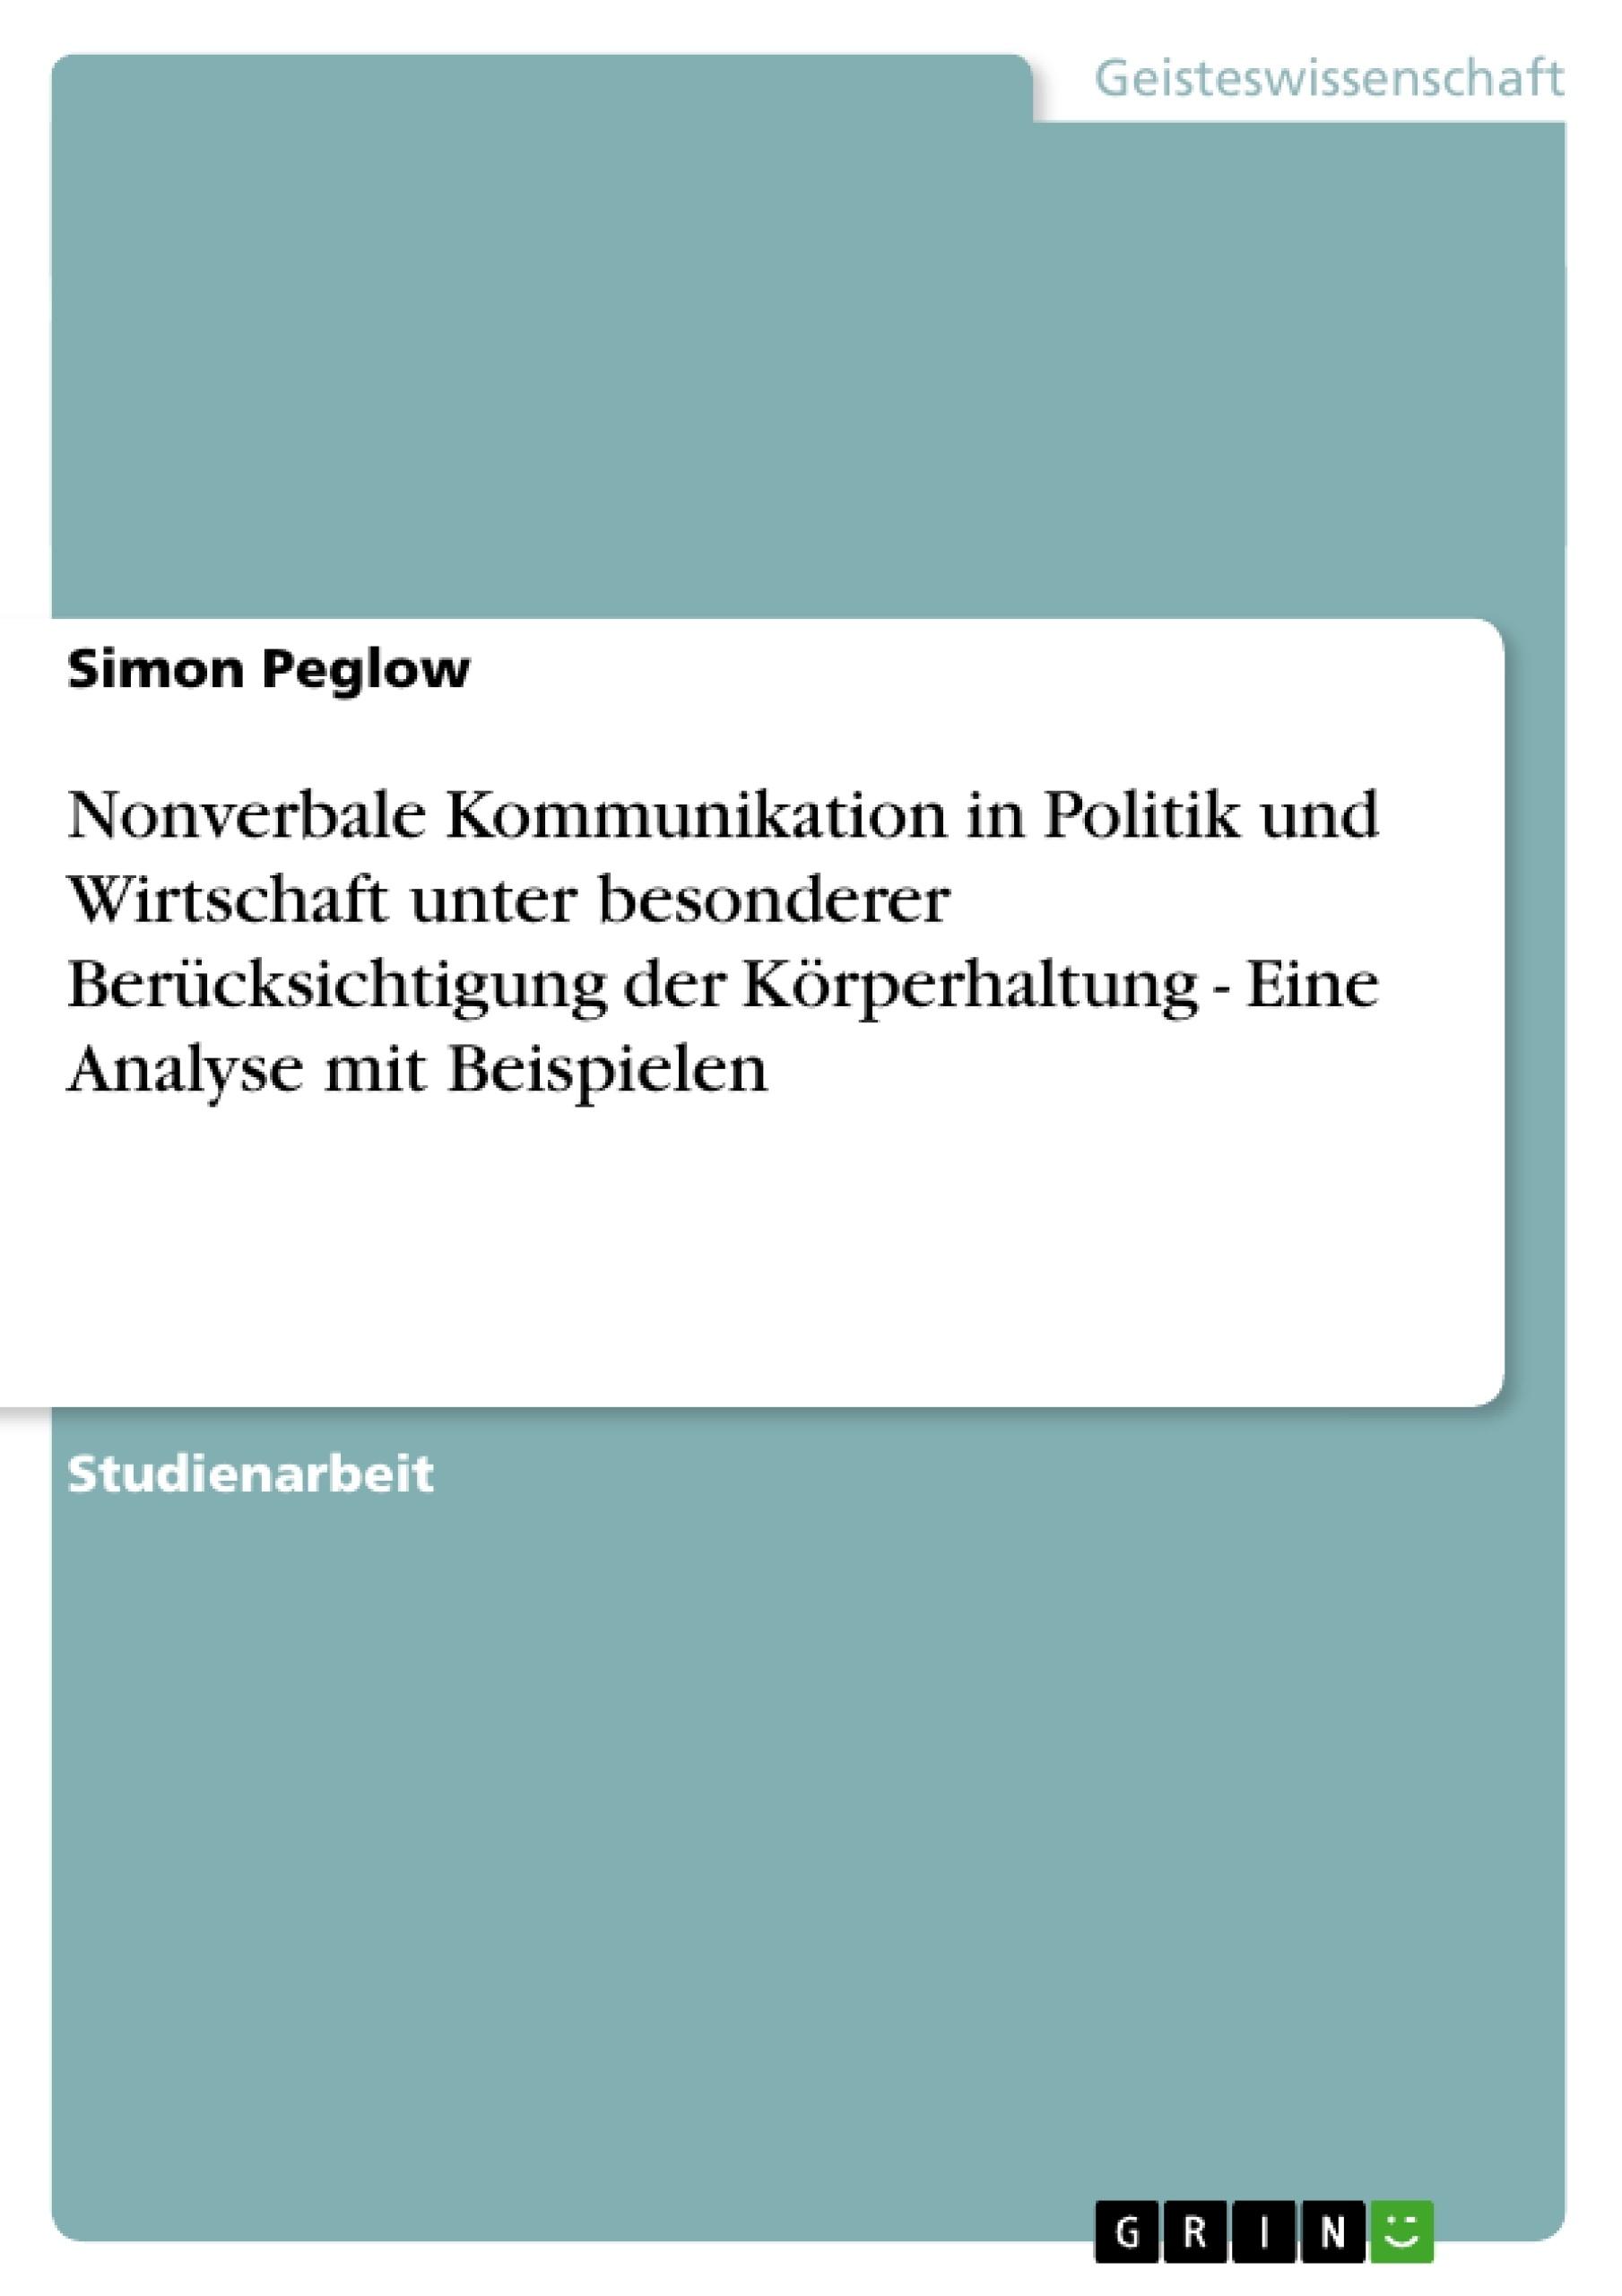 Titel: Nonverbale Kommunikation in Politik und Wirtschaft unter besonderer Berücksichtigung der Körperhaltung - Eine Analyse mit Beispielen